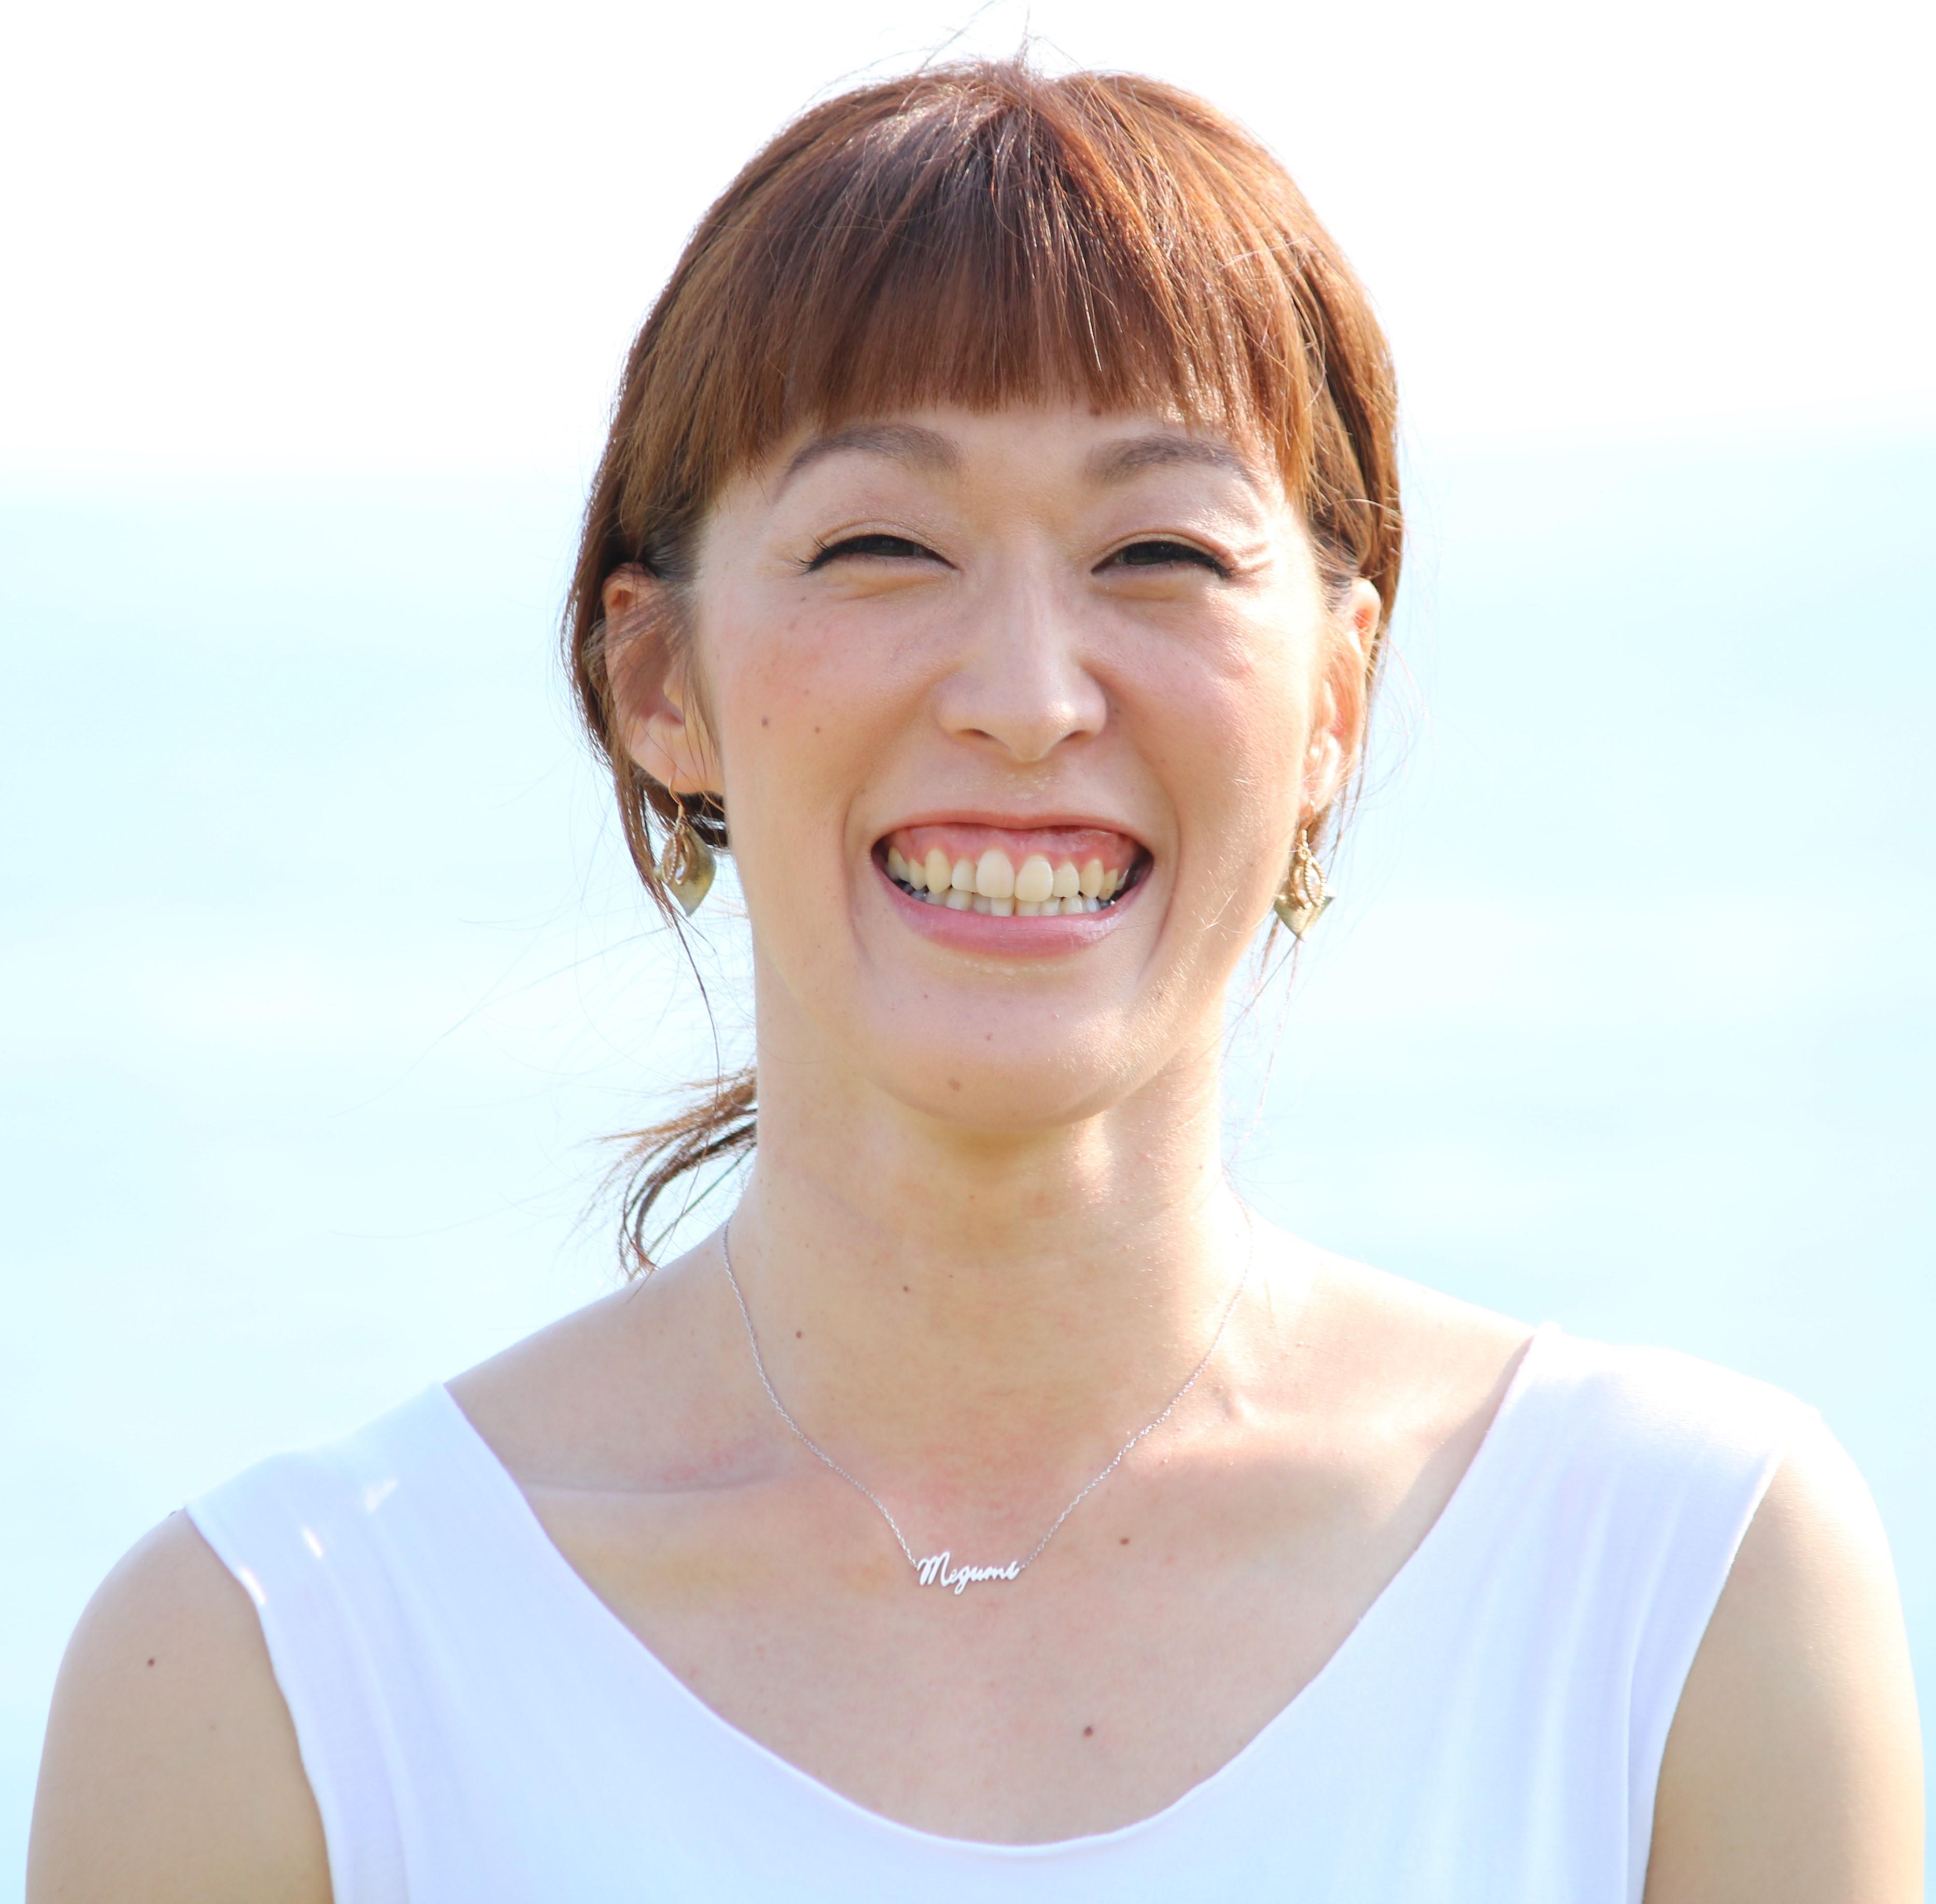 保科 恵 さん【ヨガセラピスト】